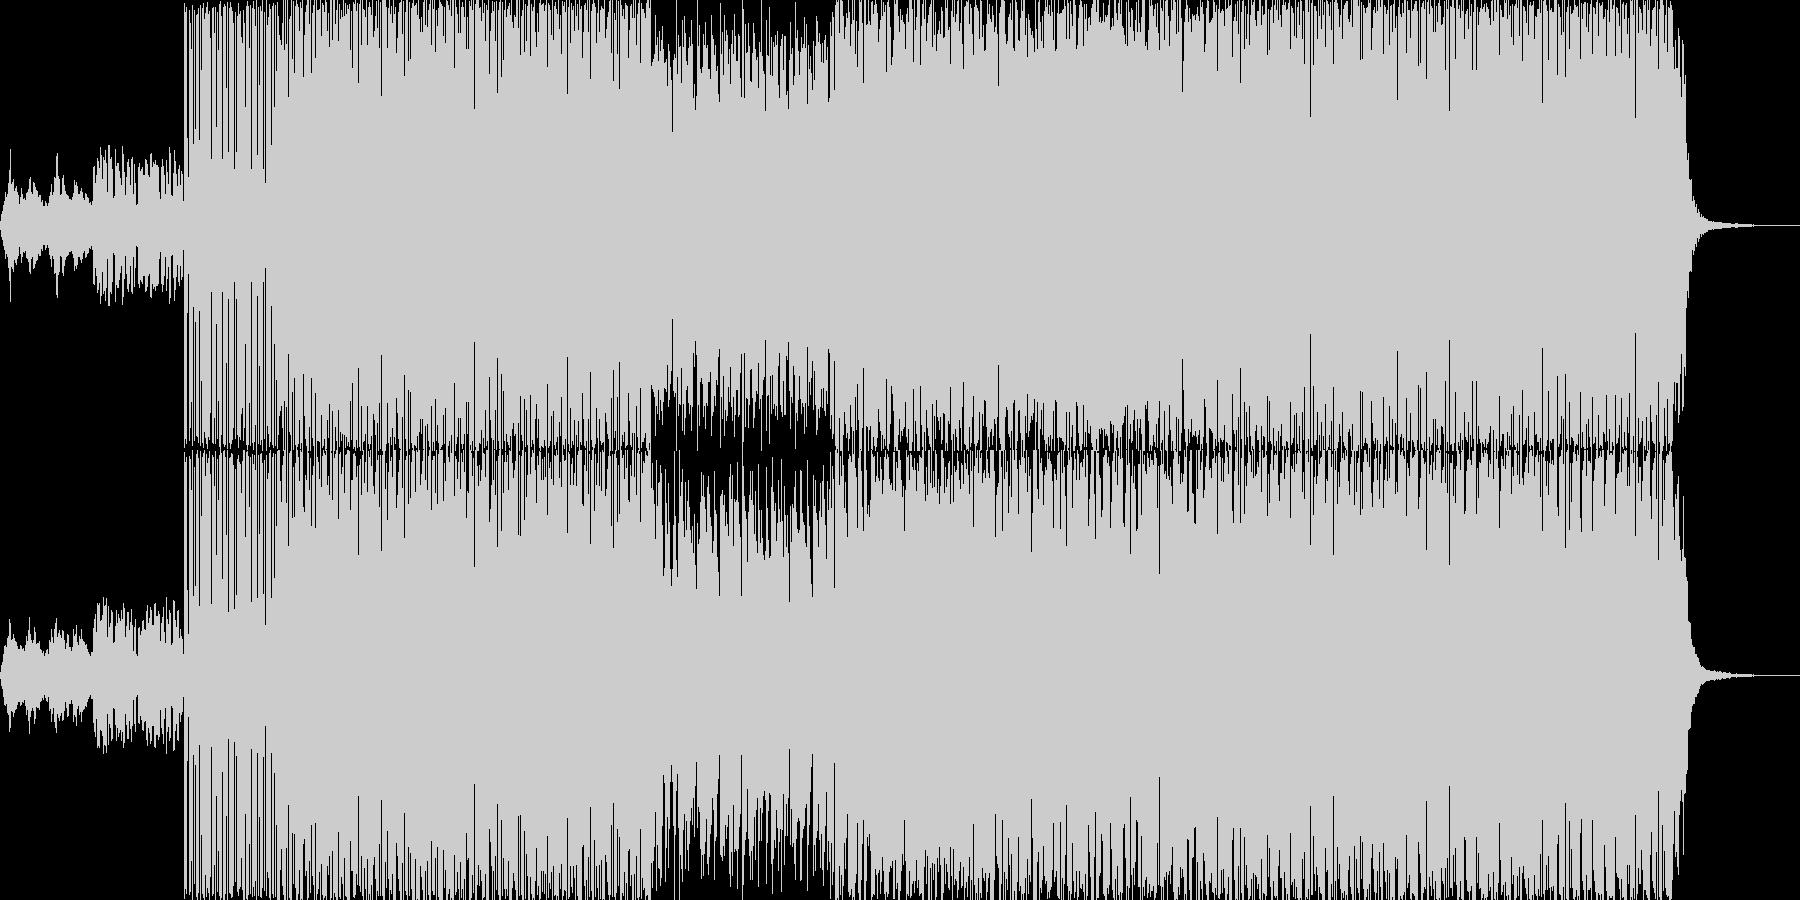 幻想的明るいエレクトロニカビートの未再生の波形